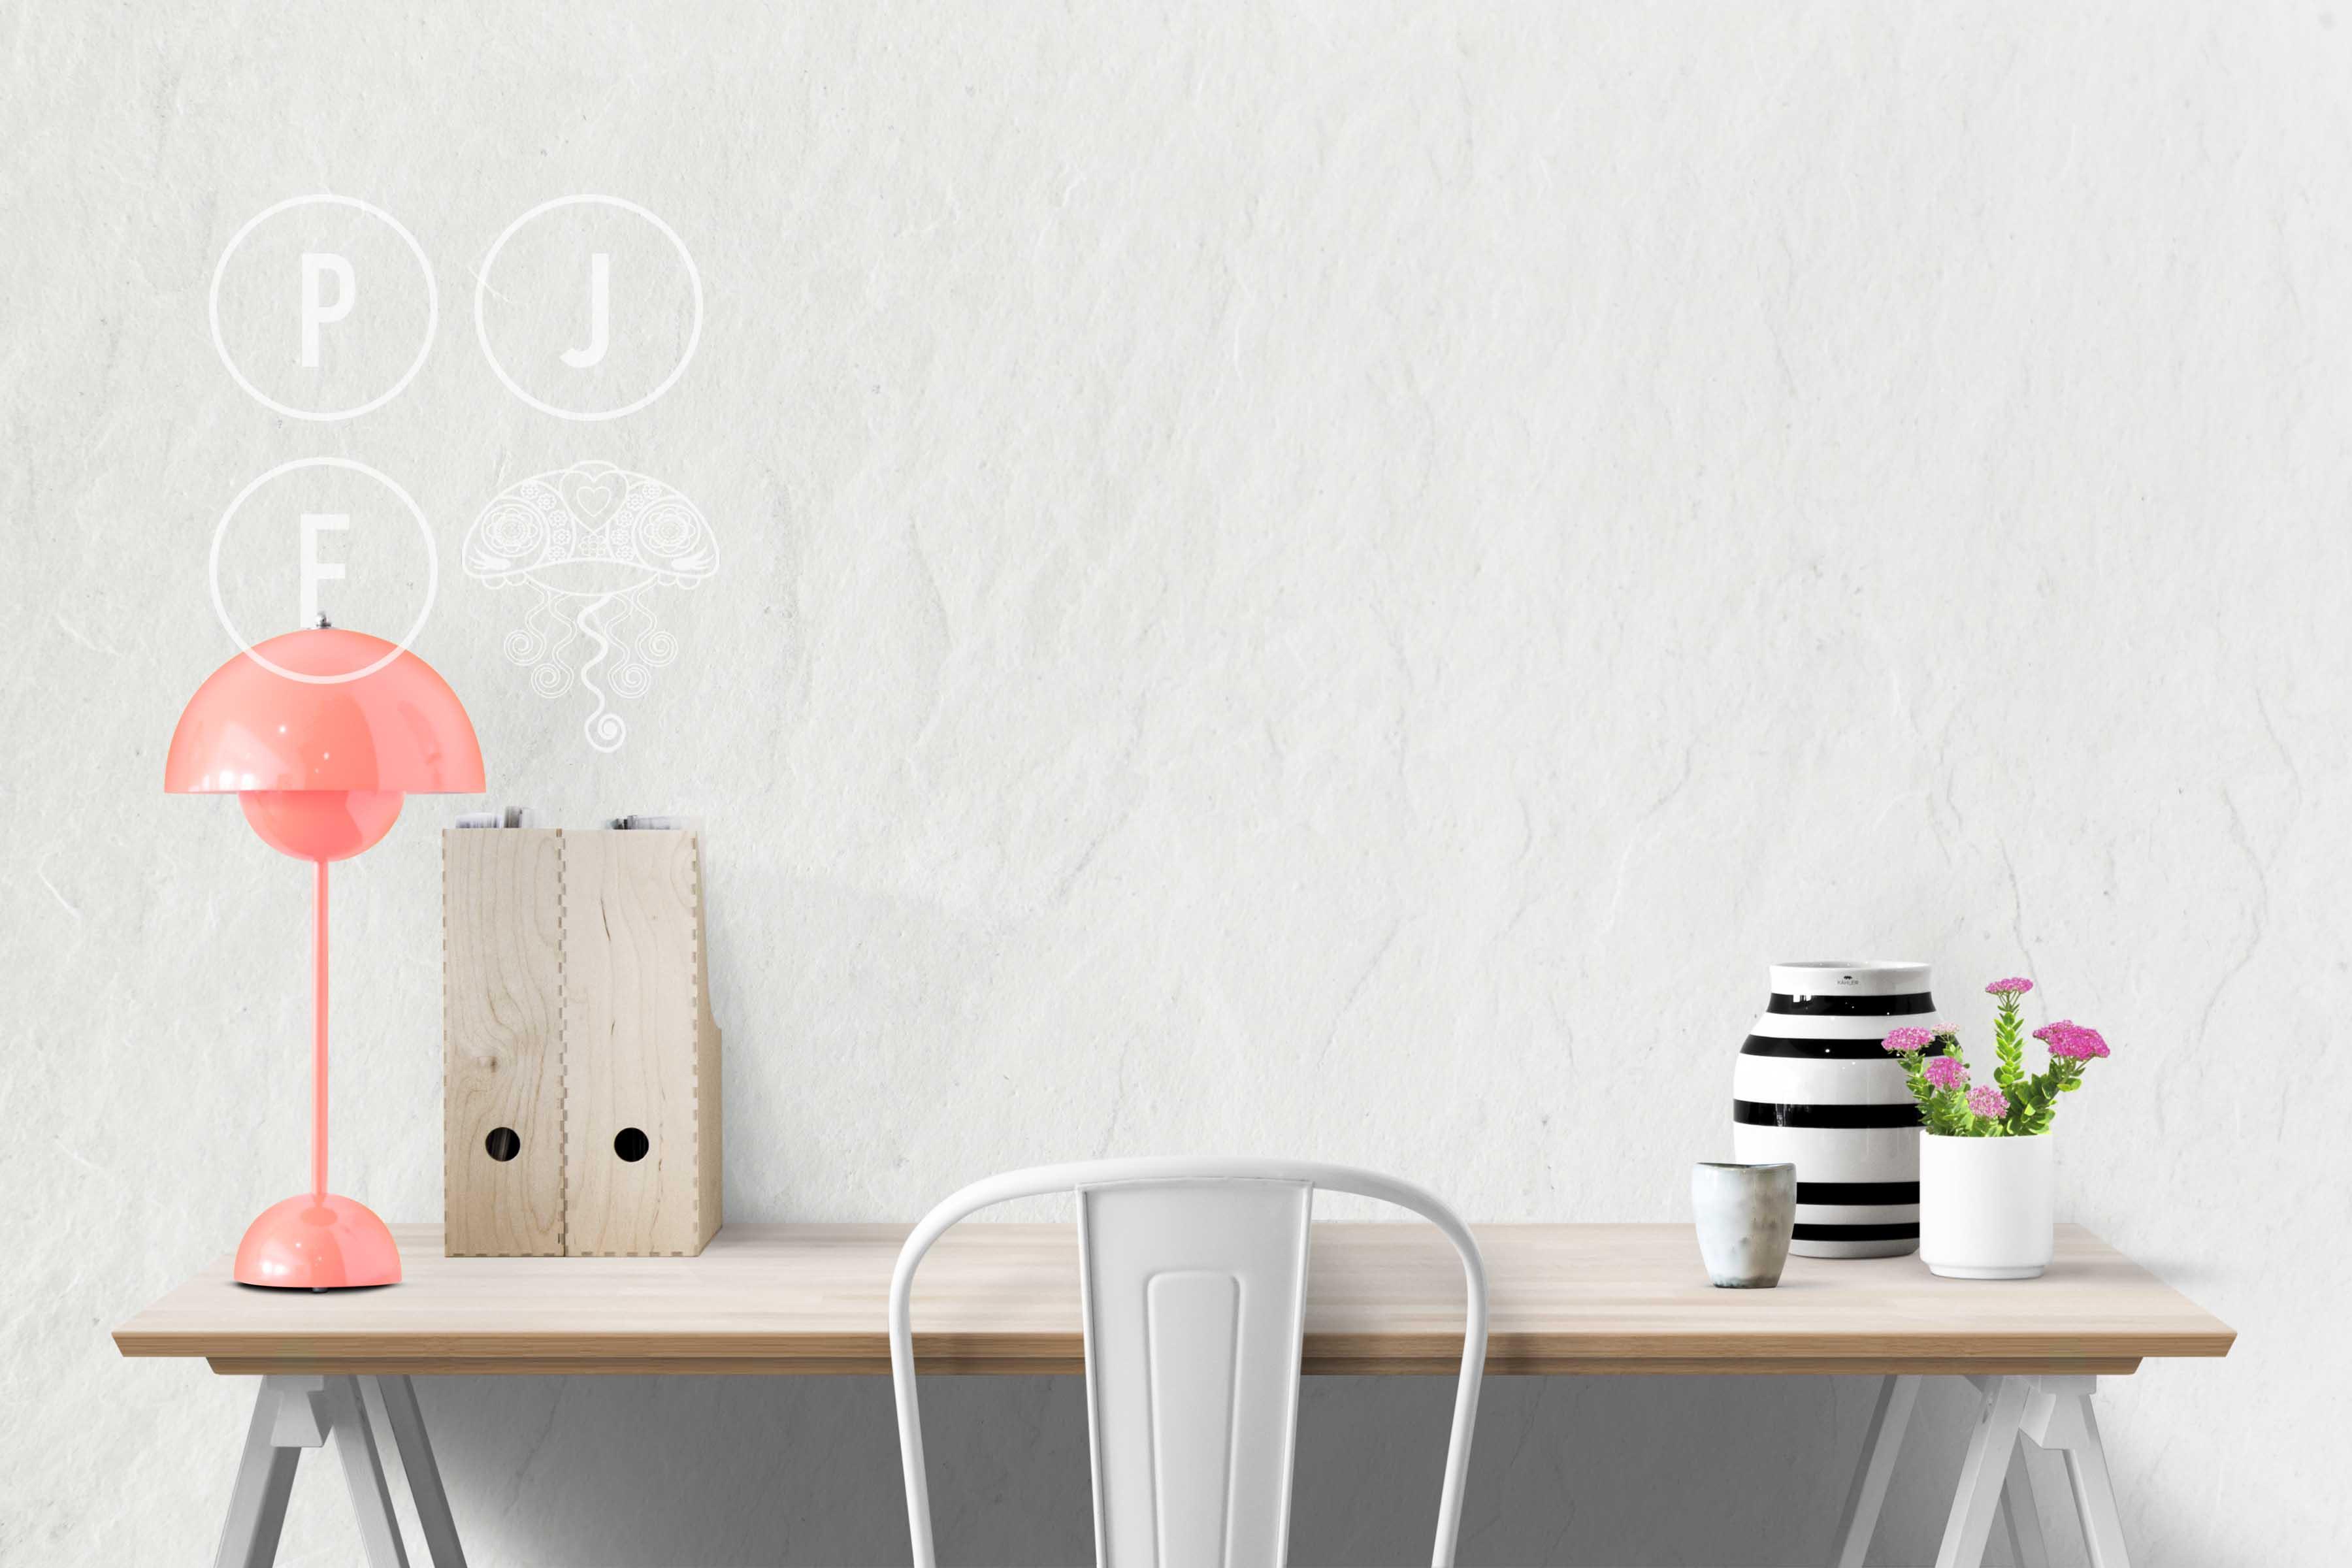 wall mockup, interior wall, desk mockup, blank wall mockup example image 3